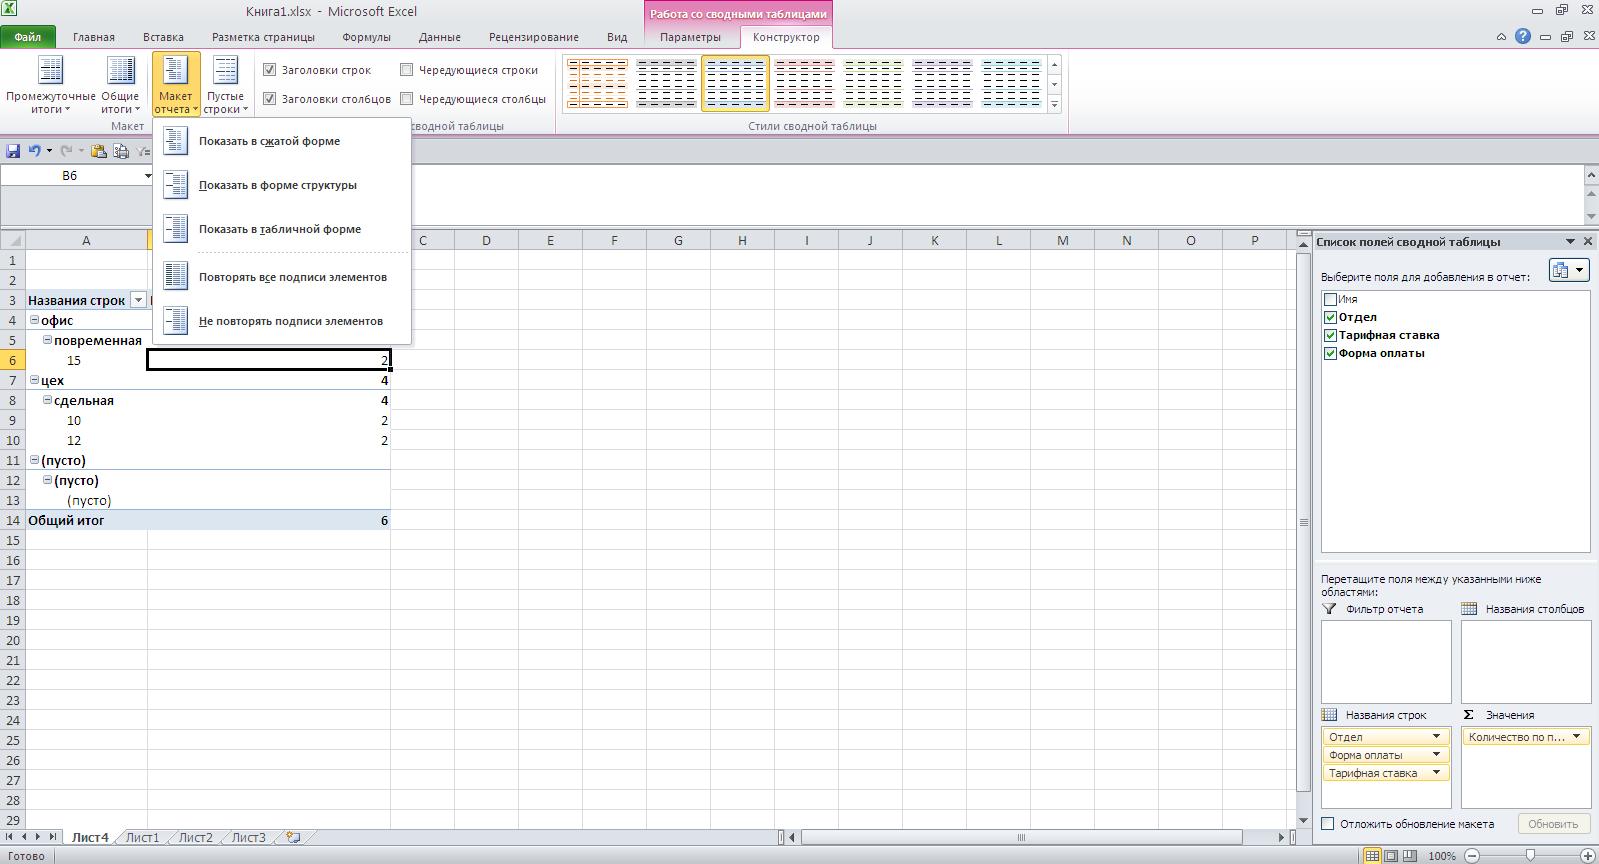 Если столбцы Excel стали цифрами, как сделать столбцы 26